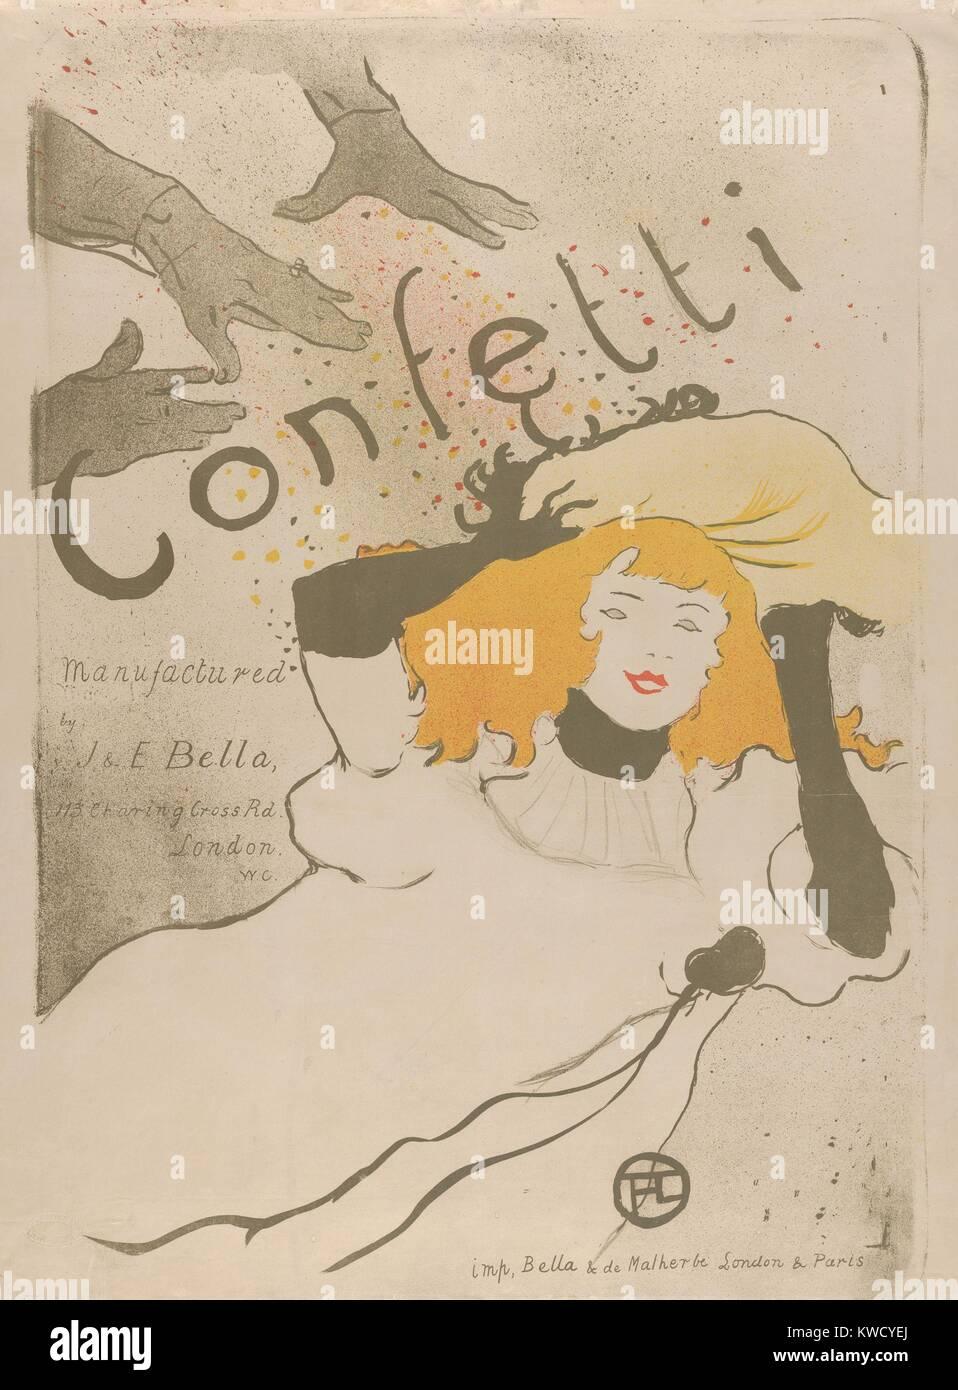 Coriandoli, Henri de Toulouse-Lautrec, 1894, francese Post-Impressionist, litografia. Si tratta di un manifesto Foto Stock